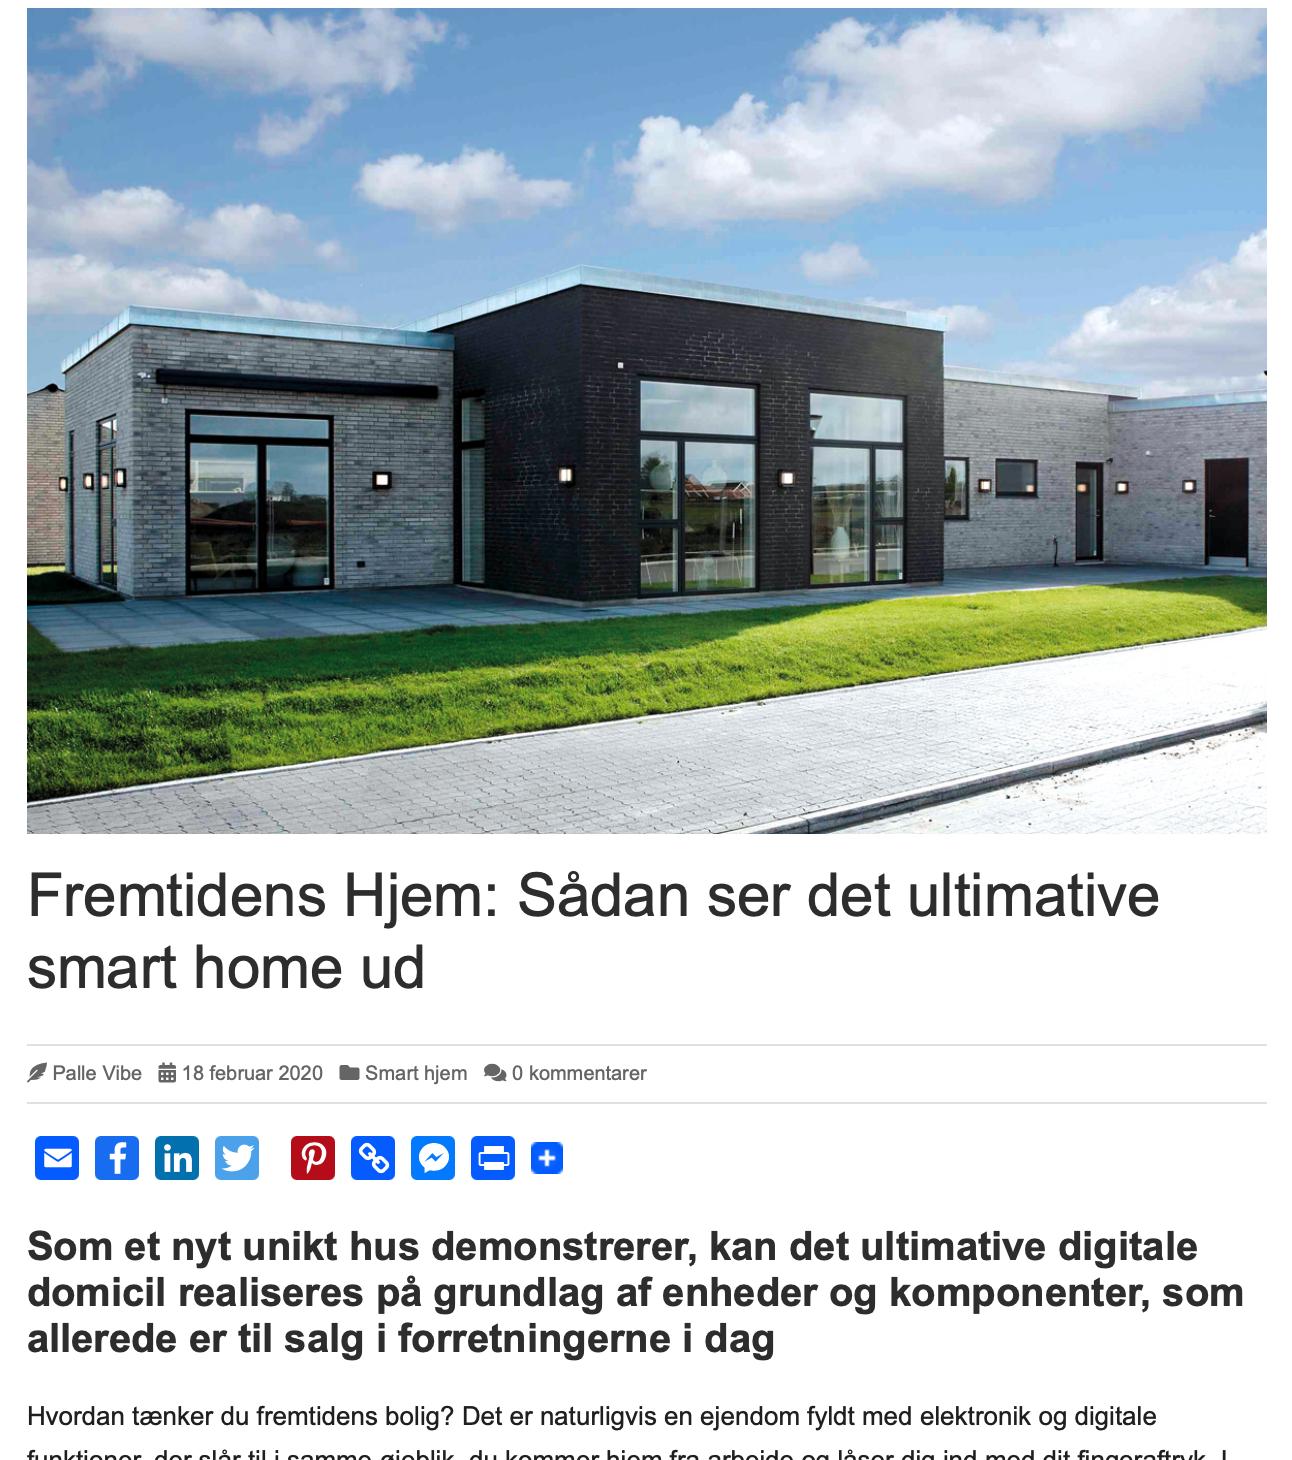 AoD: Sådan ser det ultimative smart home ud